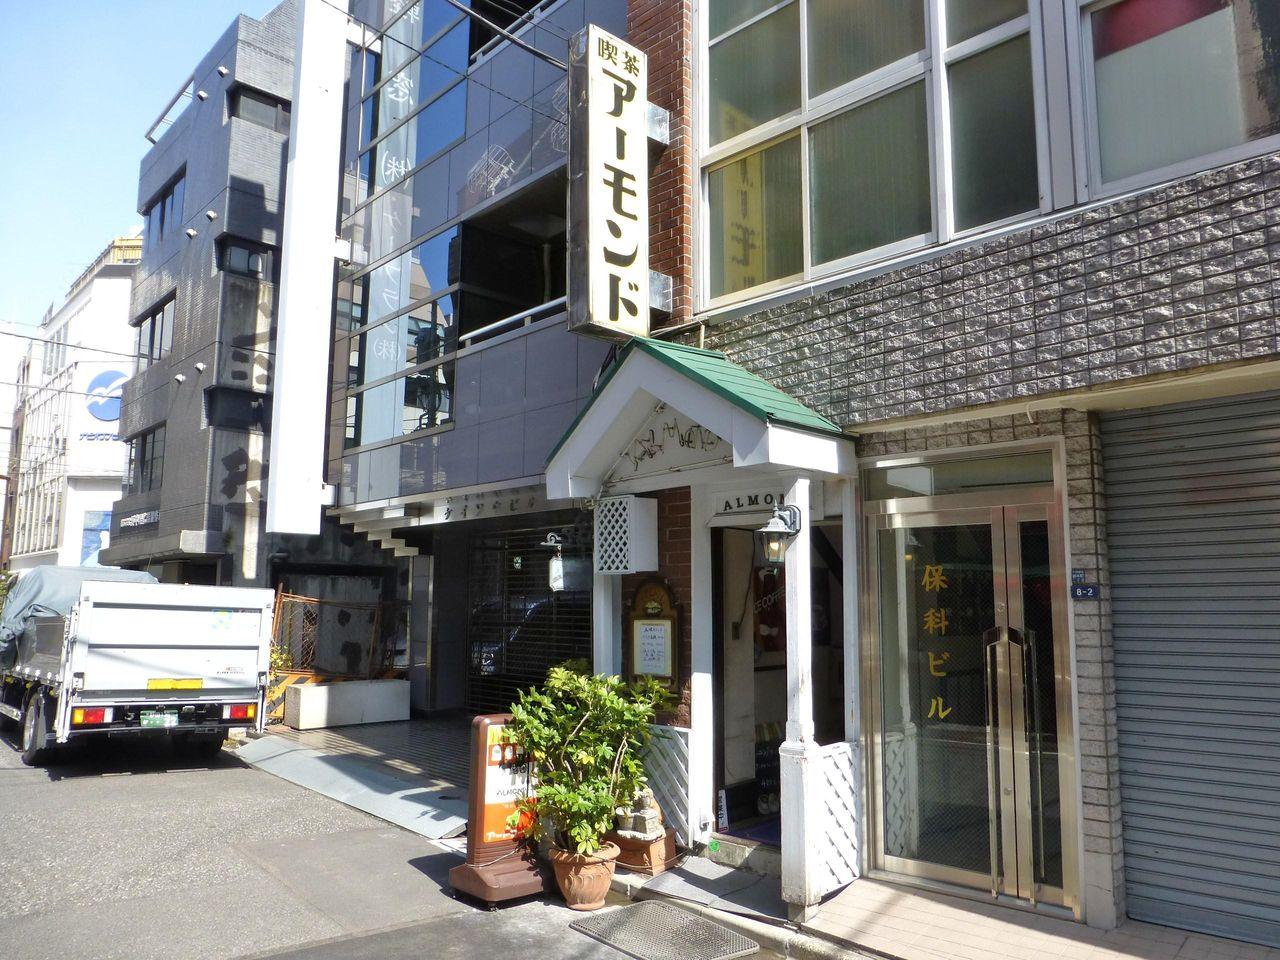 小伝馬町のレトロな喫茶店アーモンド!